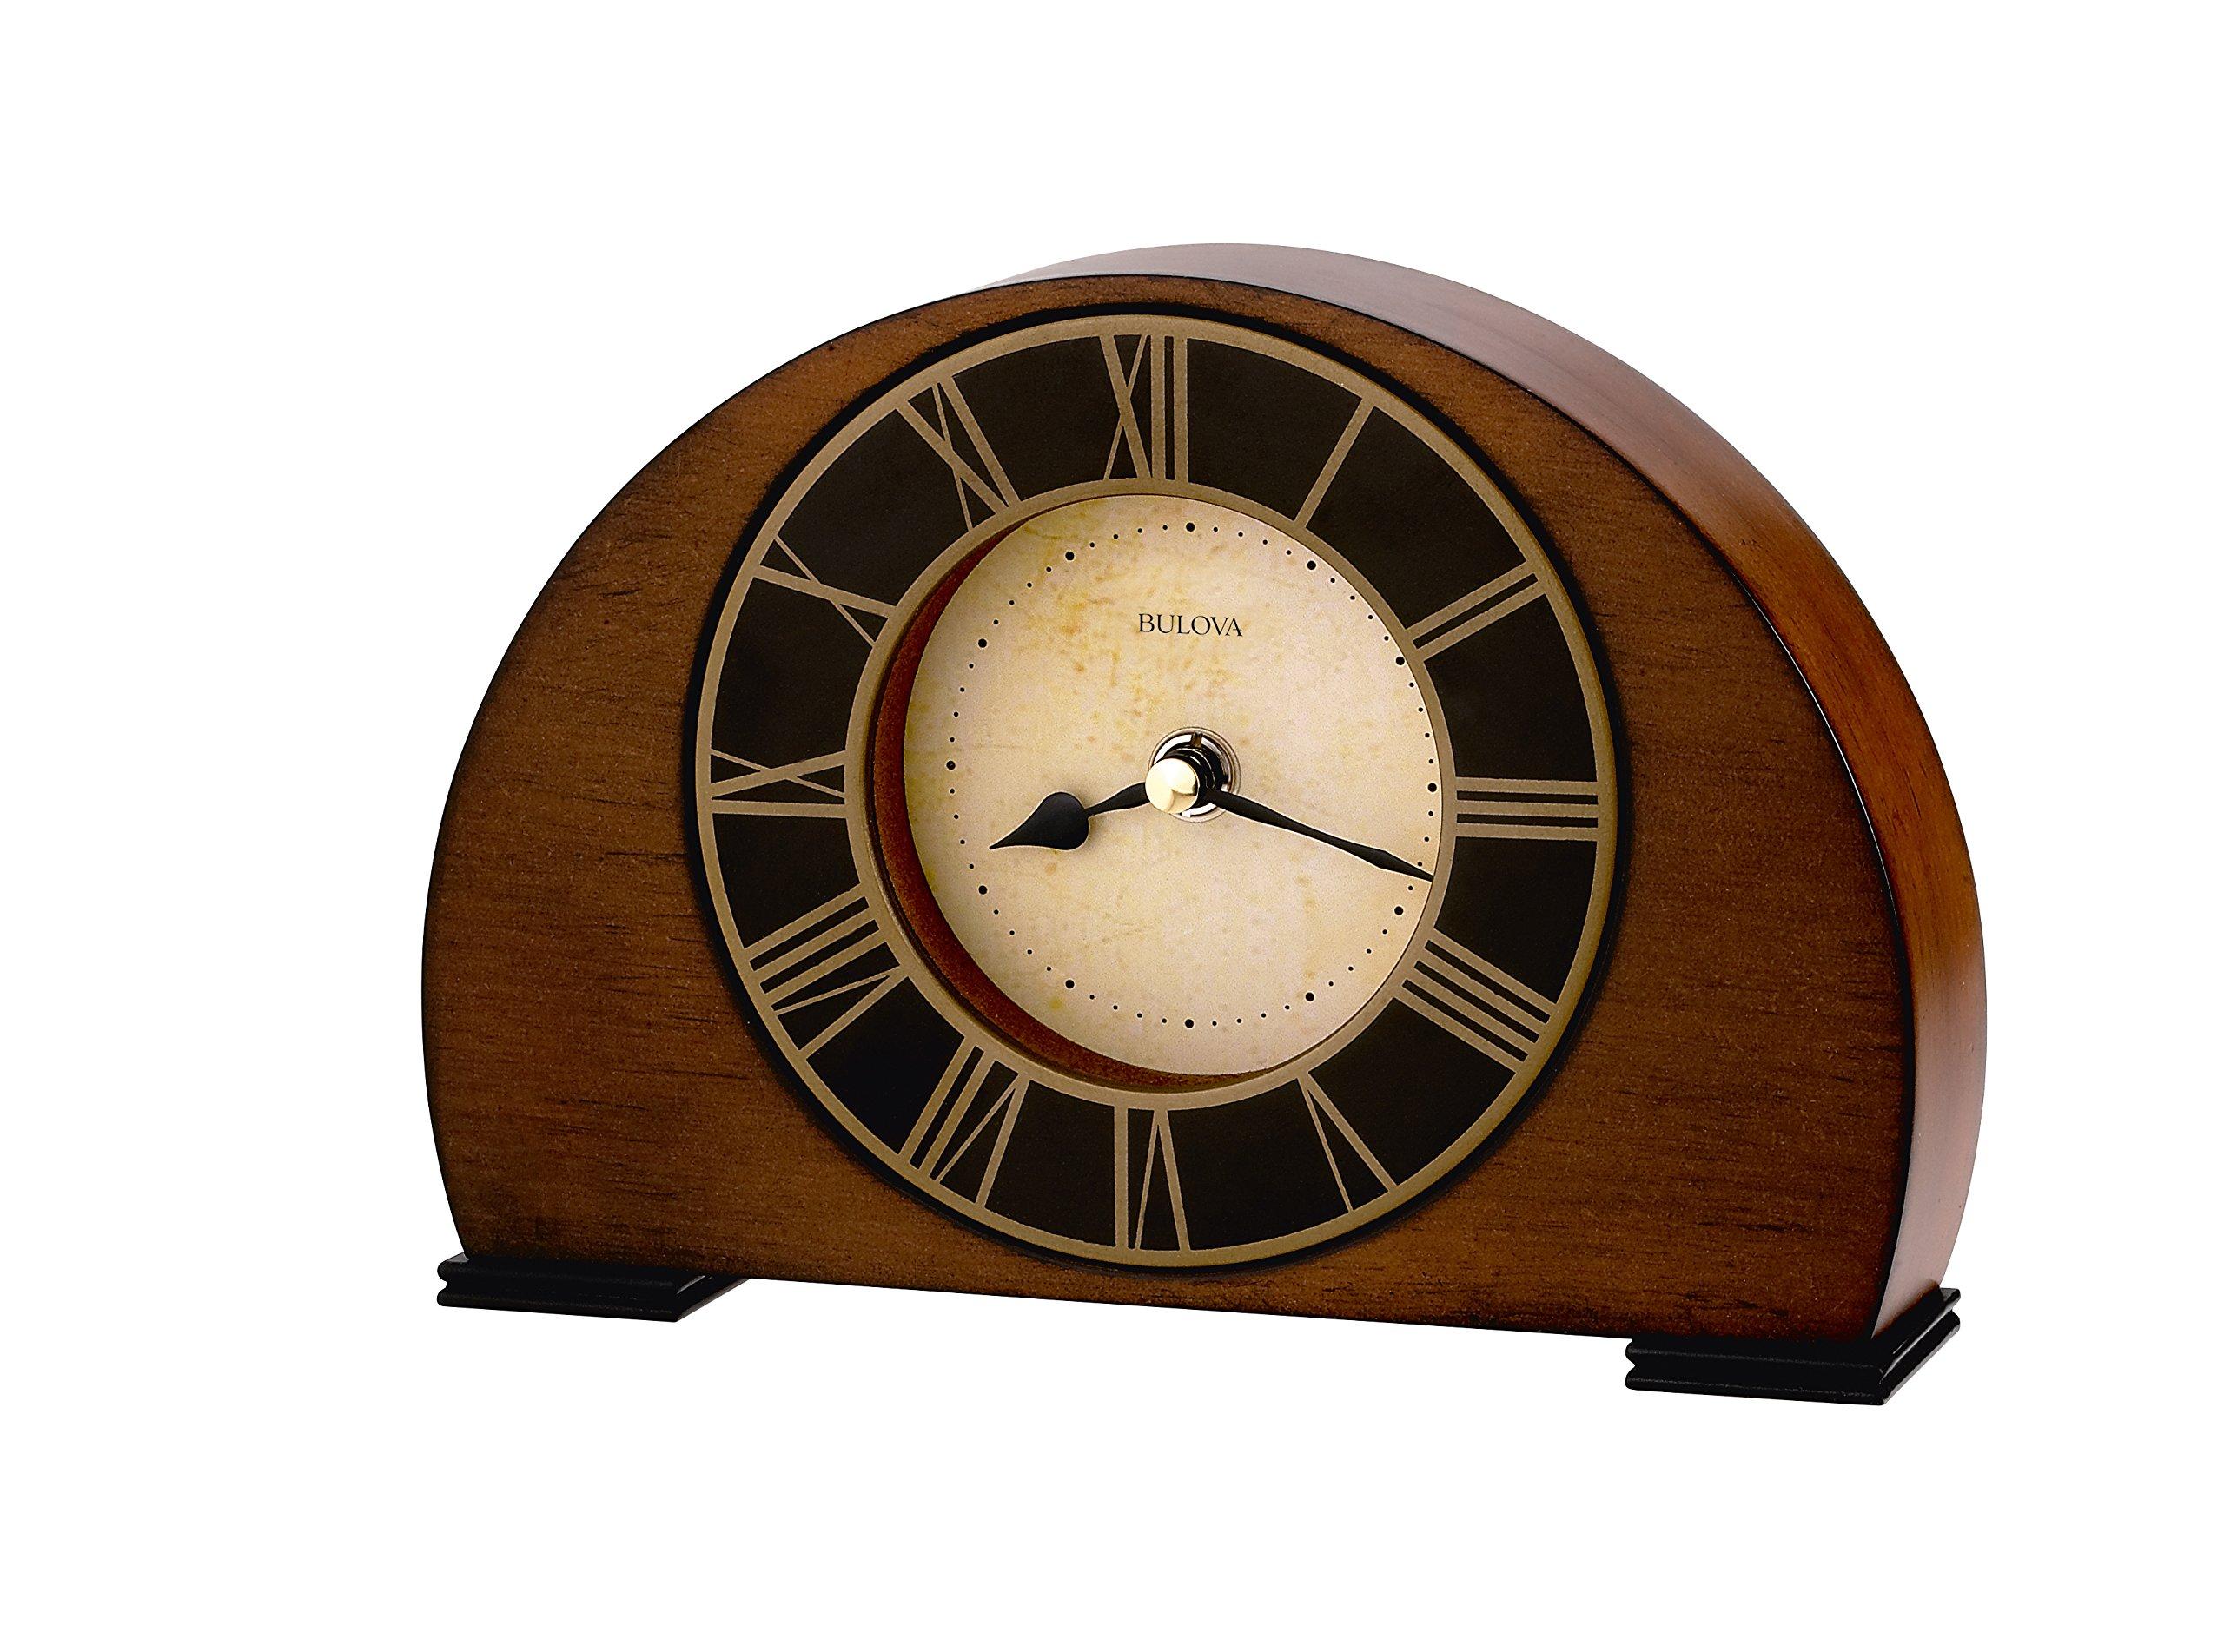 Bulova B7340 Tremont Clock, Walnut Finish by Bulova